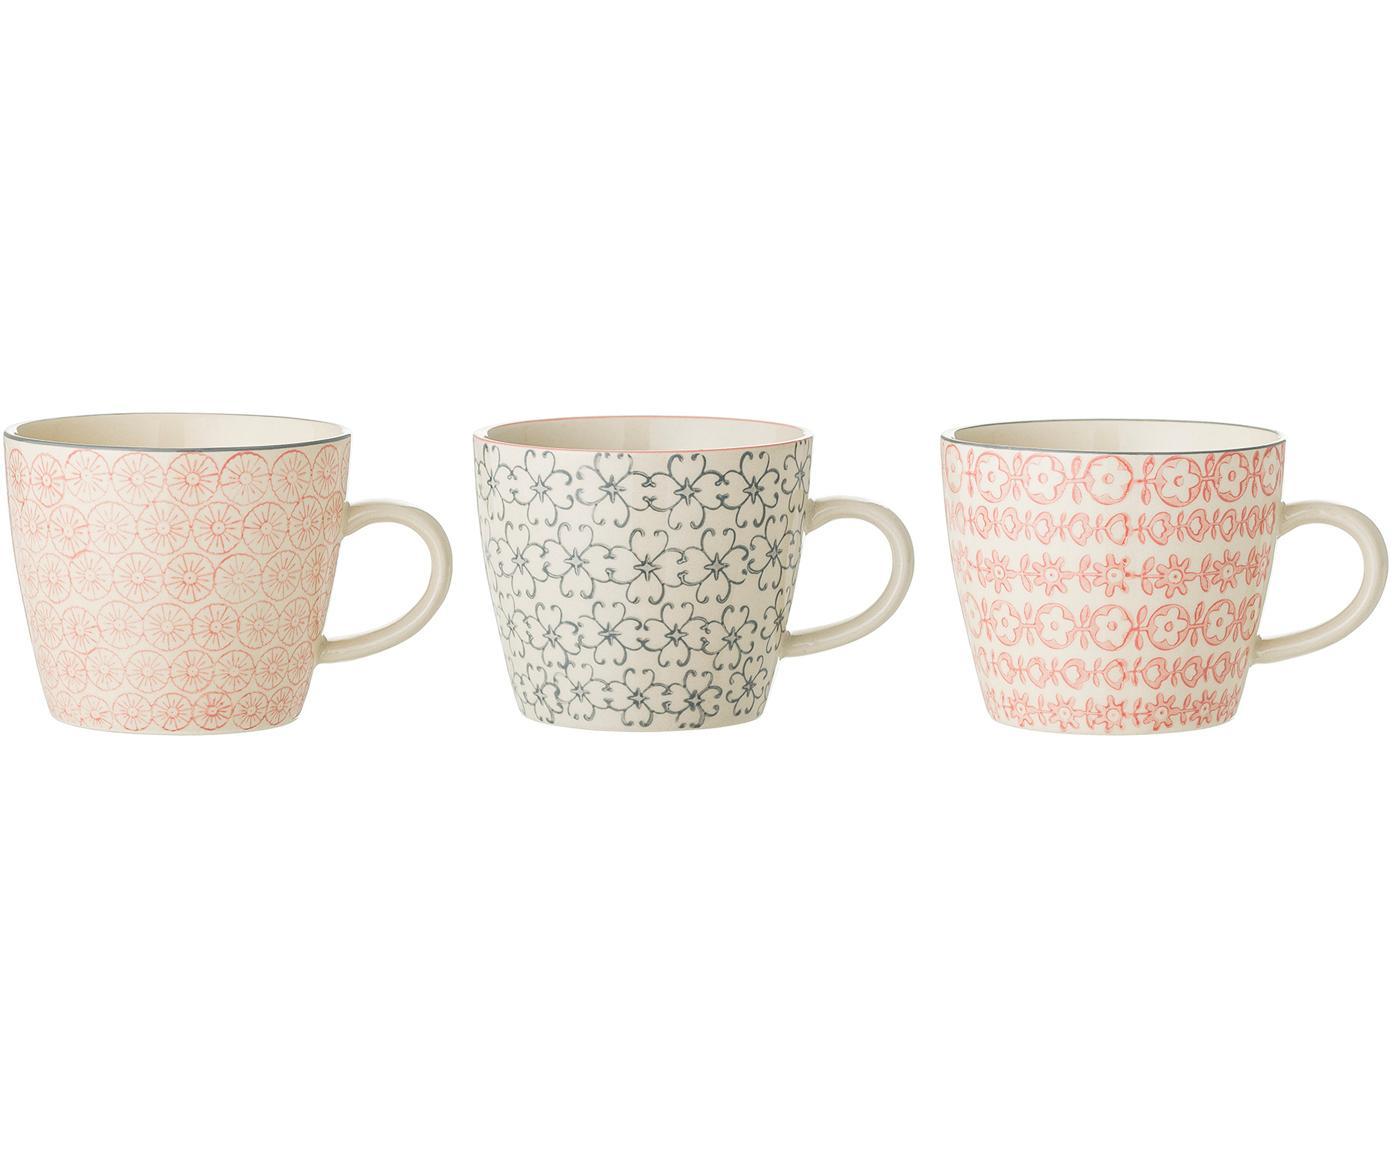 Tassen Cécile mit unterschiedlichen Mustern, 3er-Set, Steingut, Mehrfarbig, Ø 10 x H 8 cm